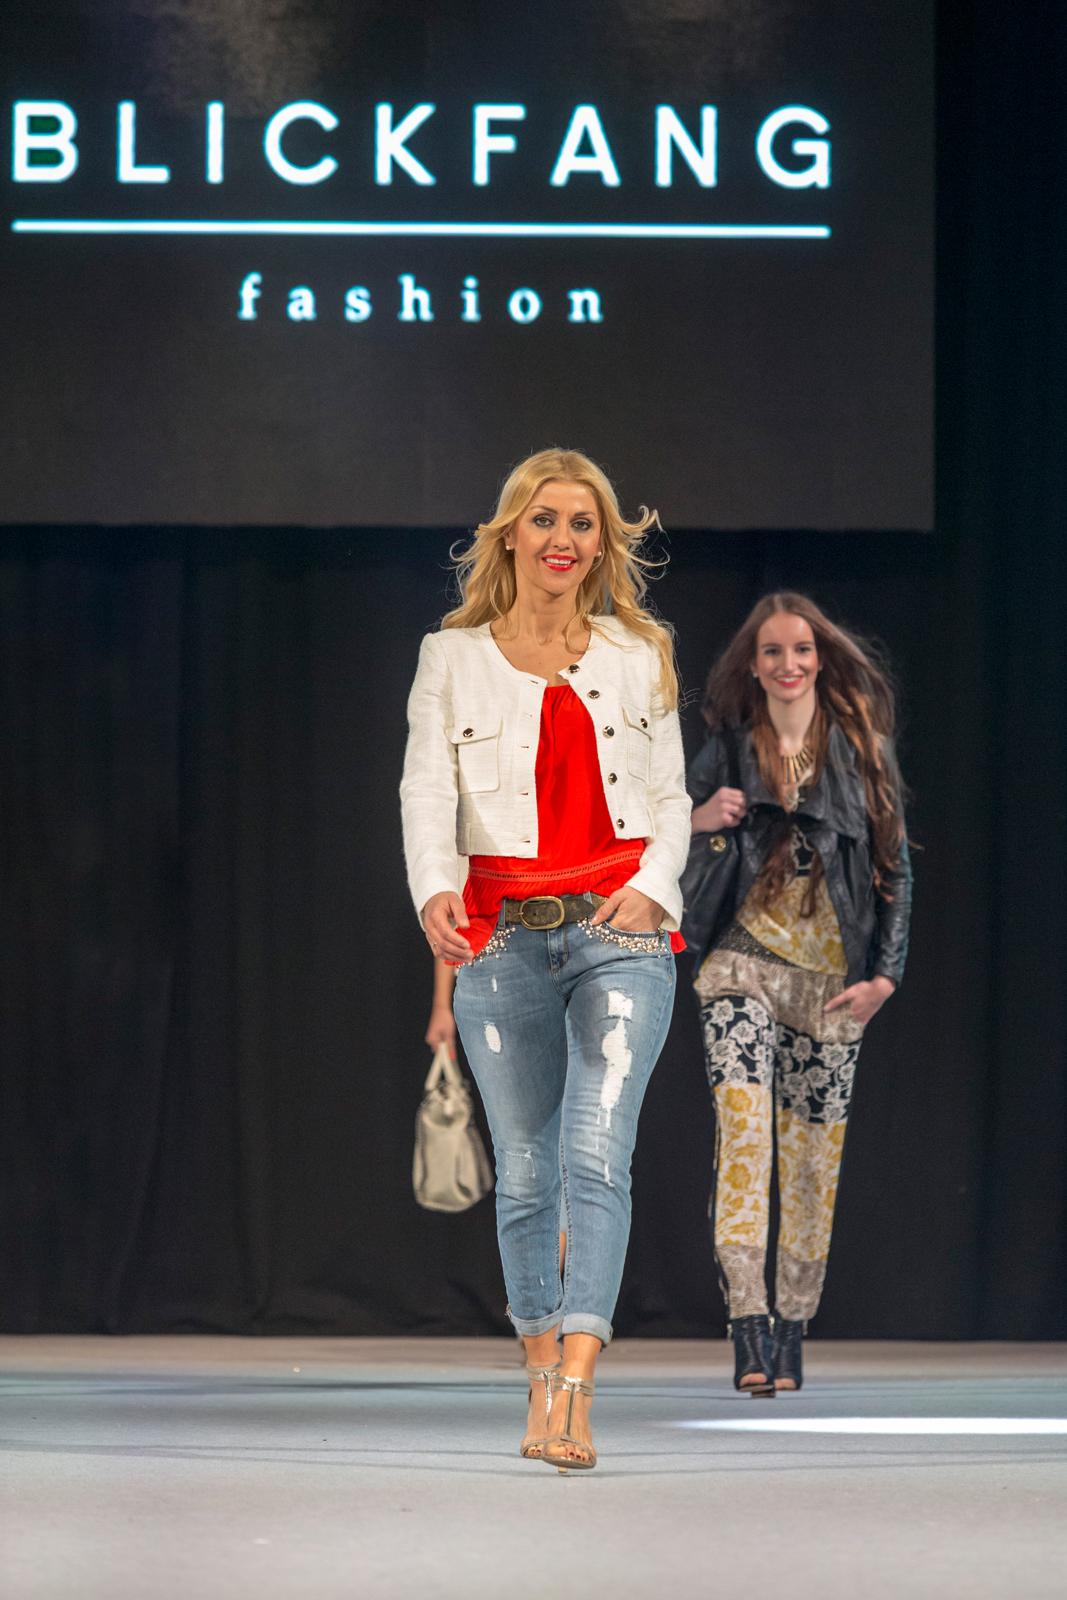 Blickfang Fashion (2)